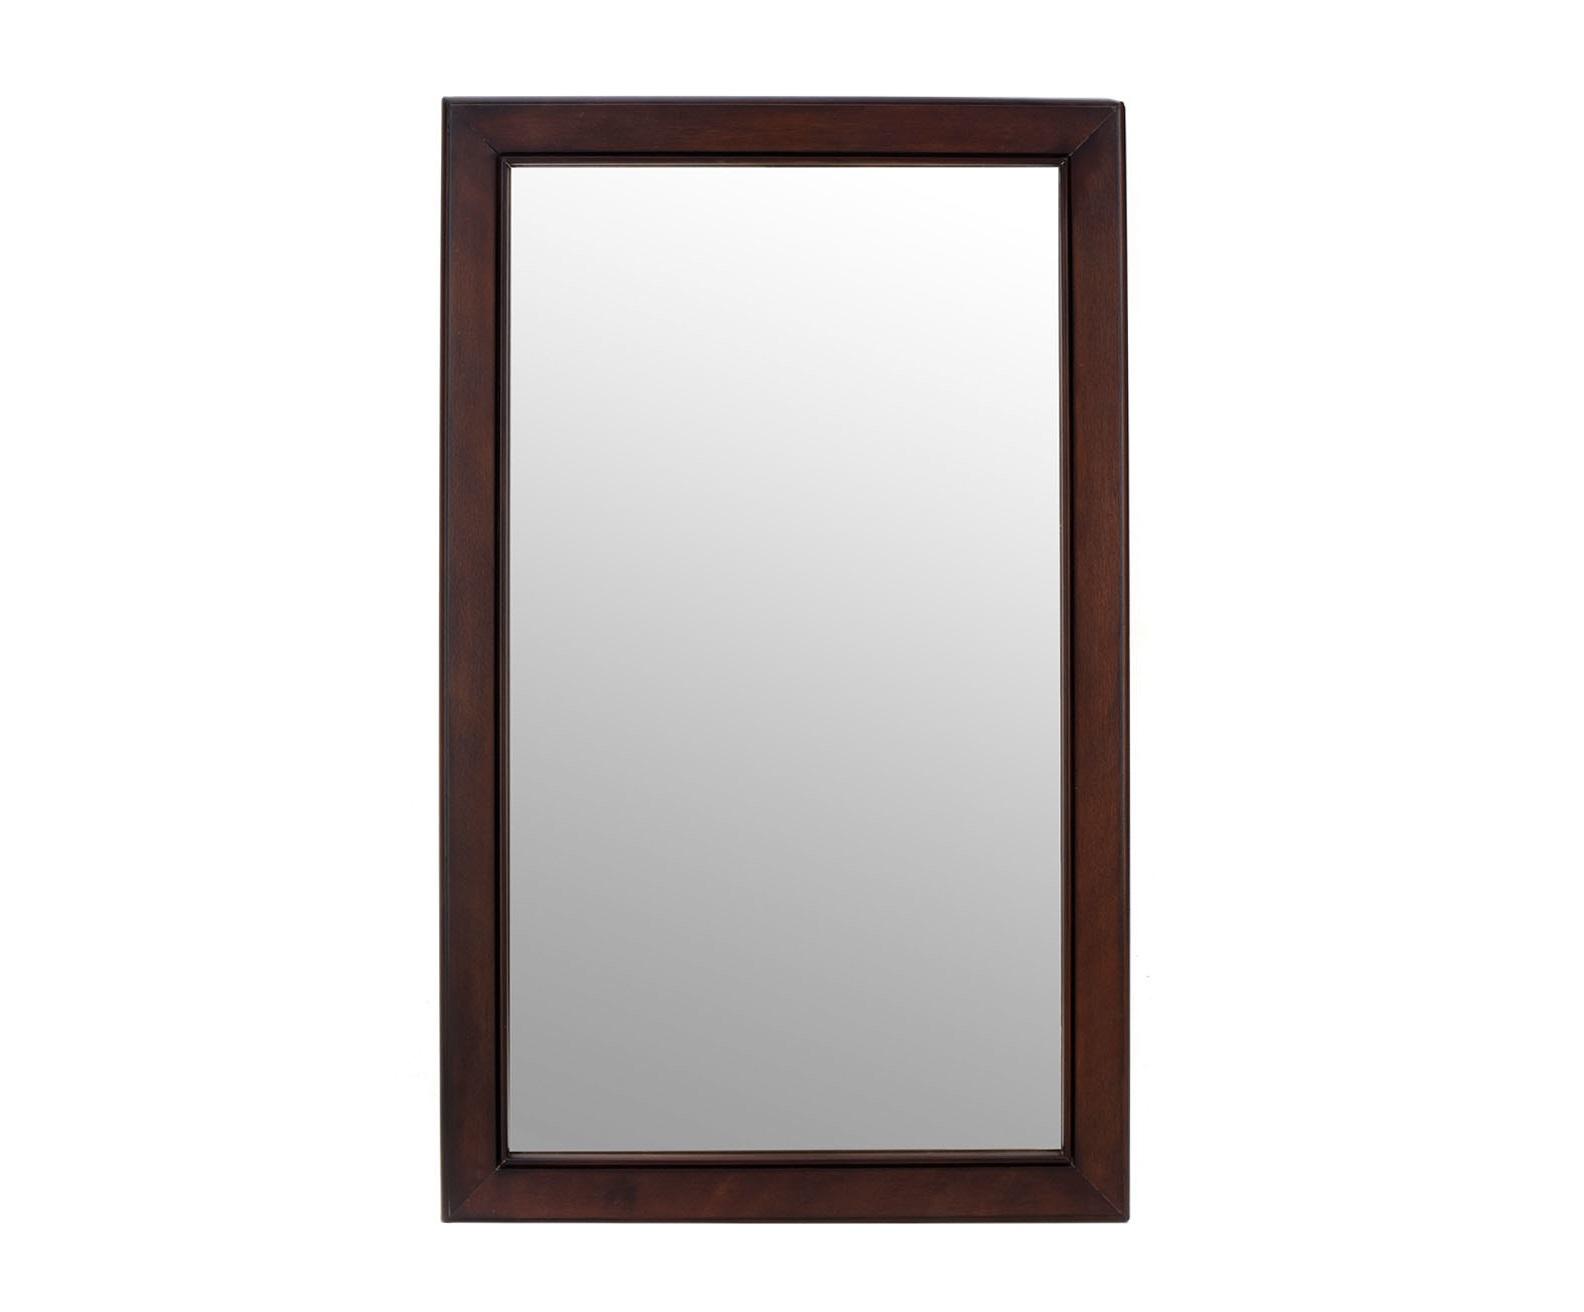 Зеркало настенное  AstigoНастенные зеркала<br><br><br>Material: Ясень<br>Width см: 50<br>Depth см: 2<br>Height см: 82